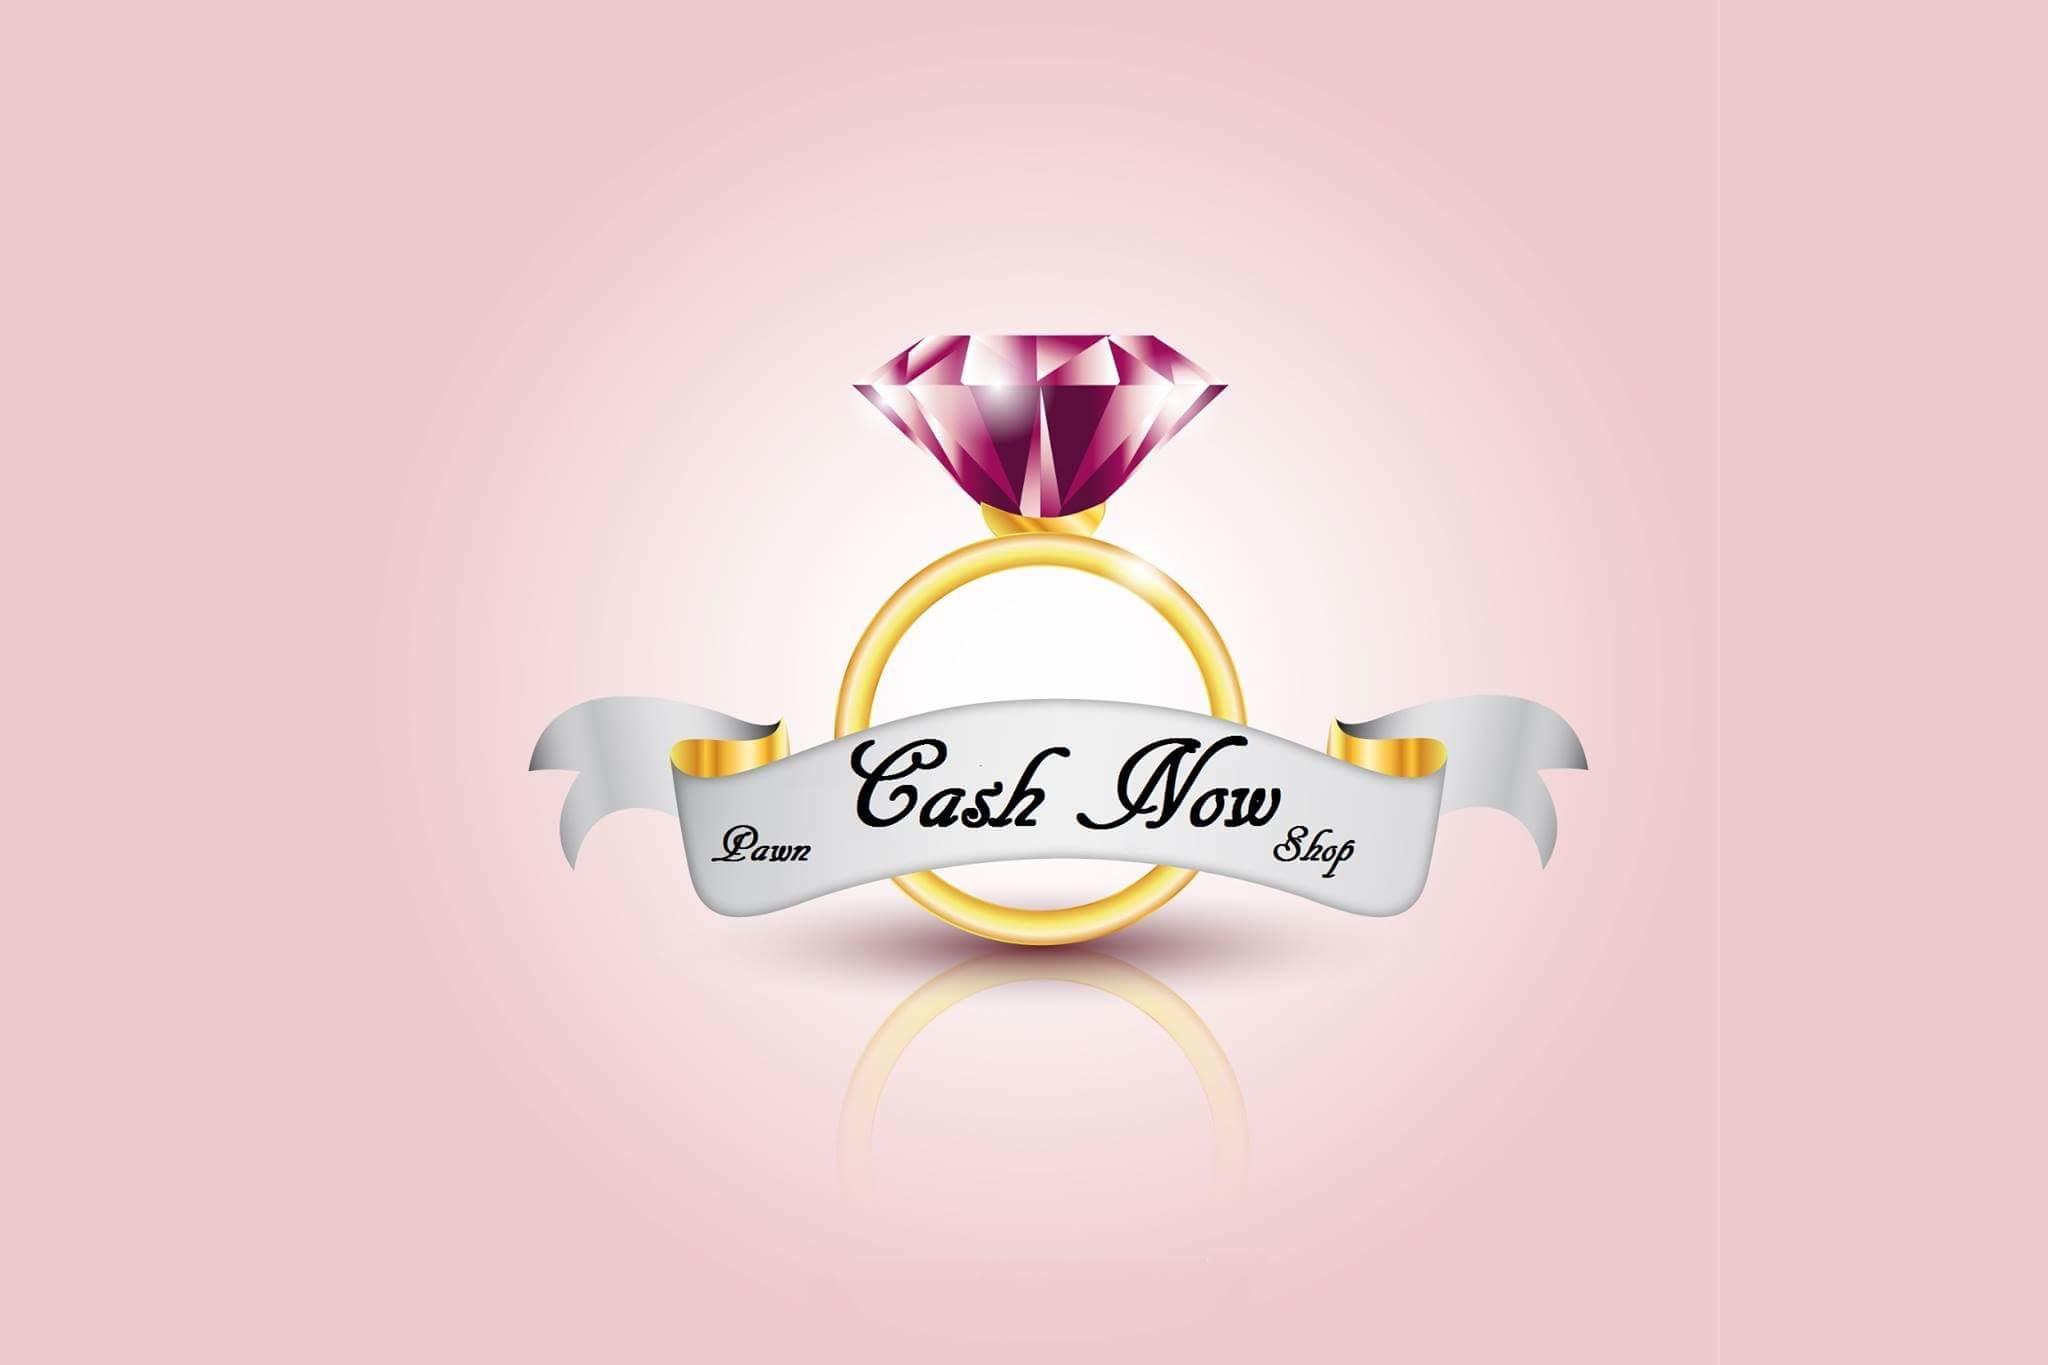 Cash Now Pawn Shop